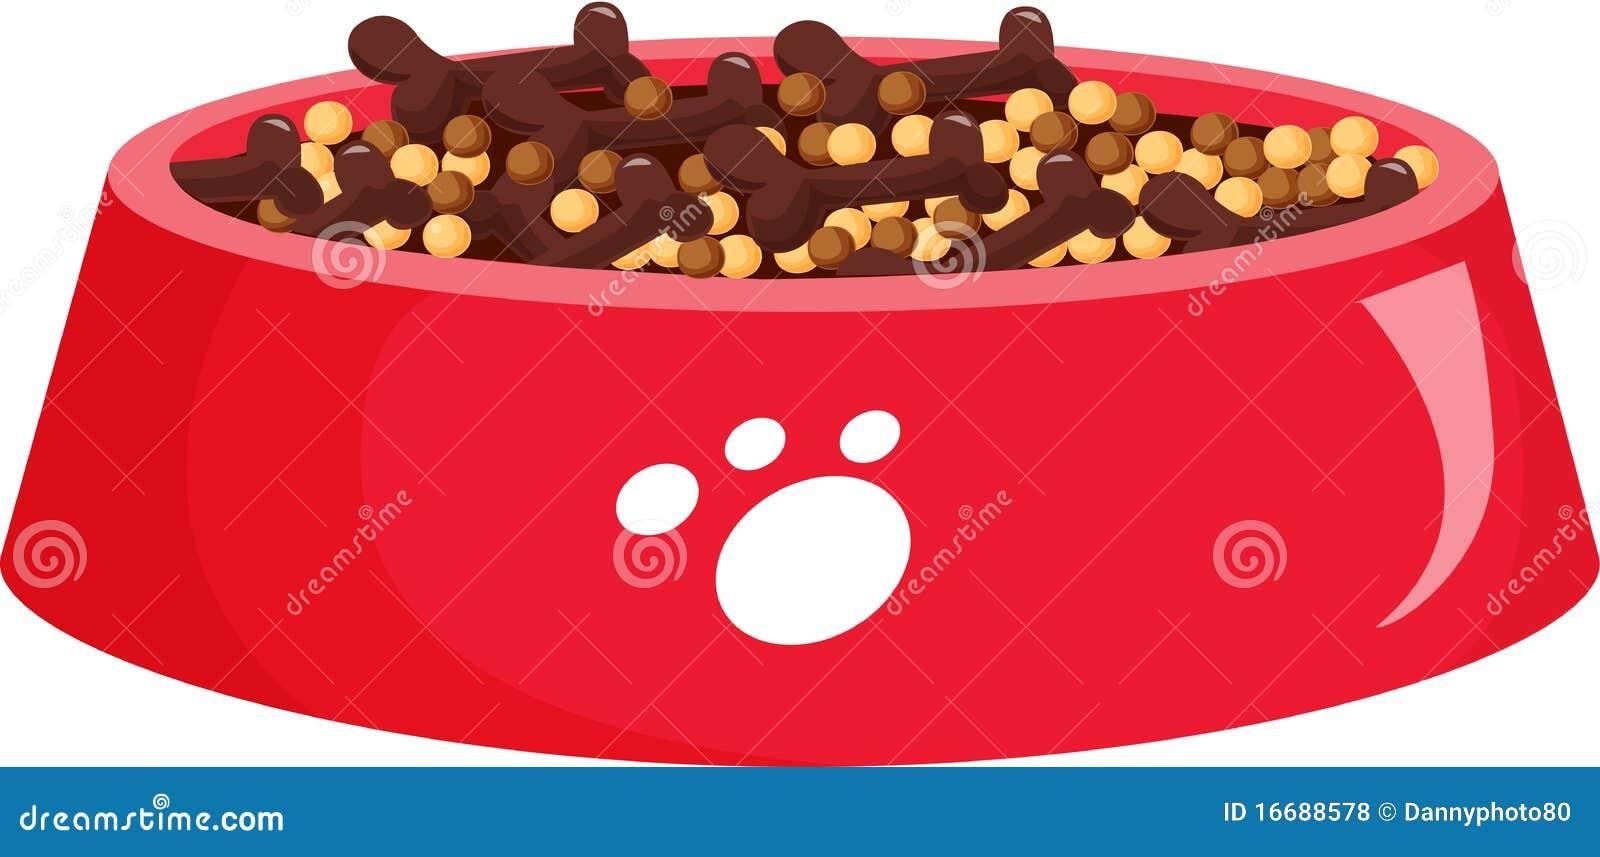 V Dog Food